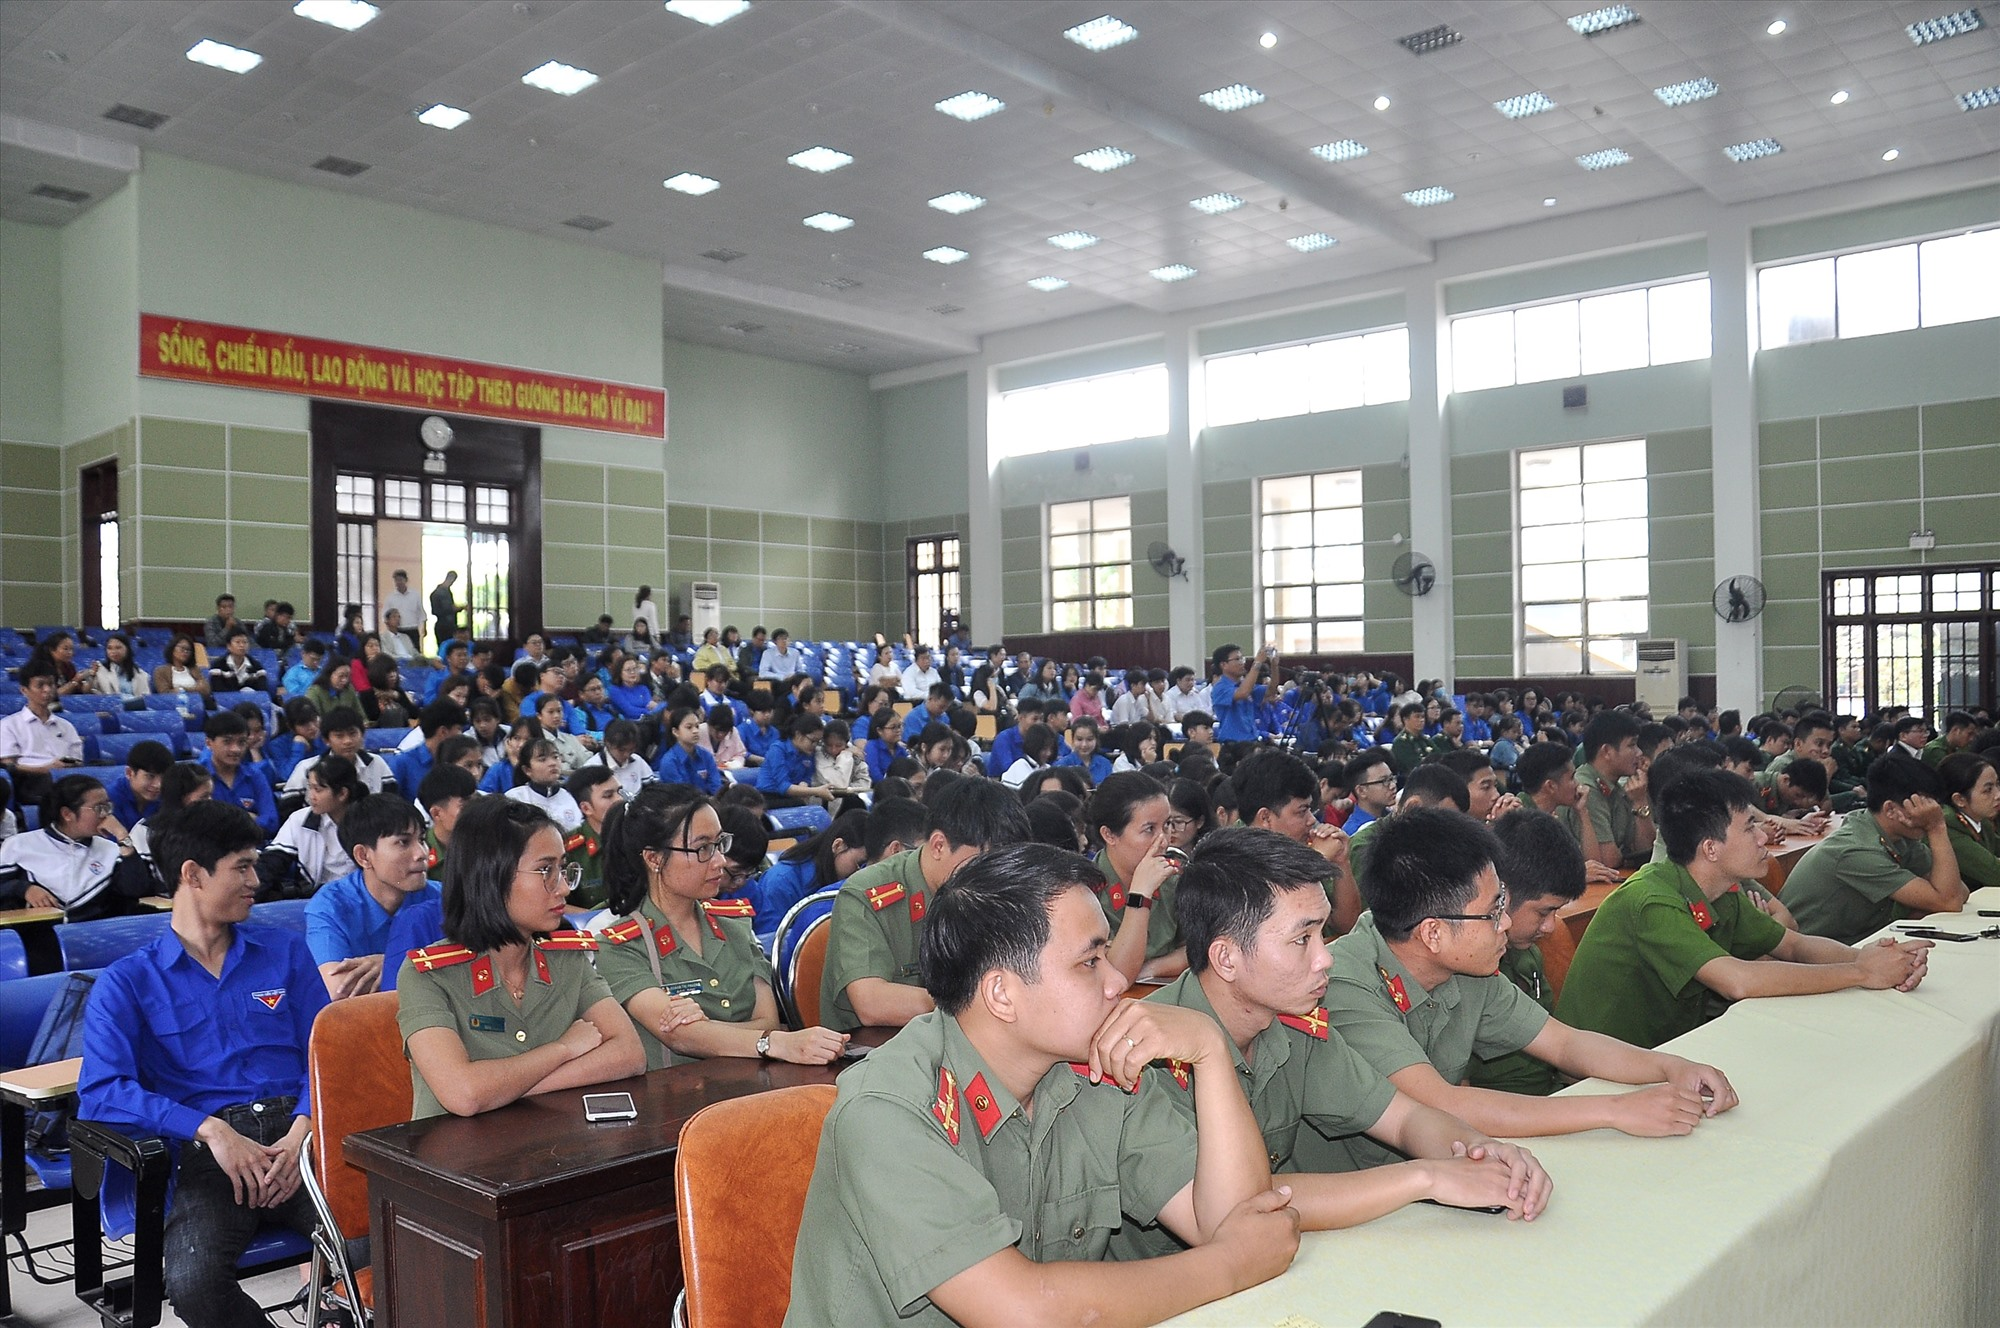 Đông đảo cán bộ, chiến sĩ và đoàn viên thanh niên tham dự lễ phát động. Ảnh: VINH ANH